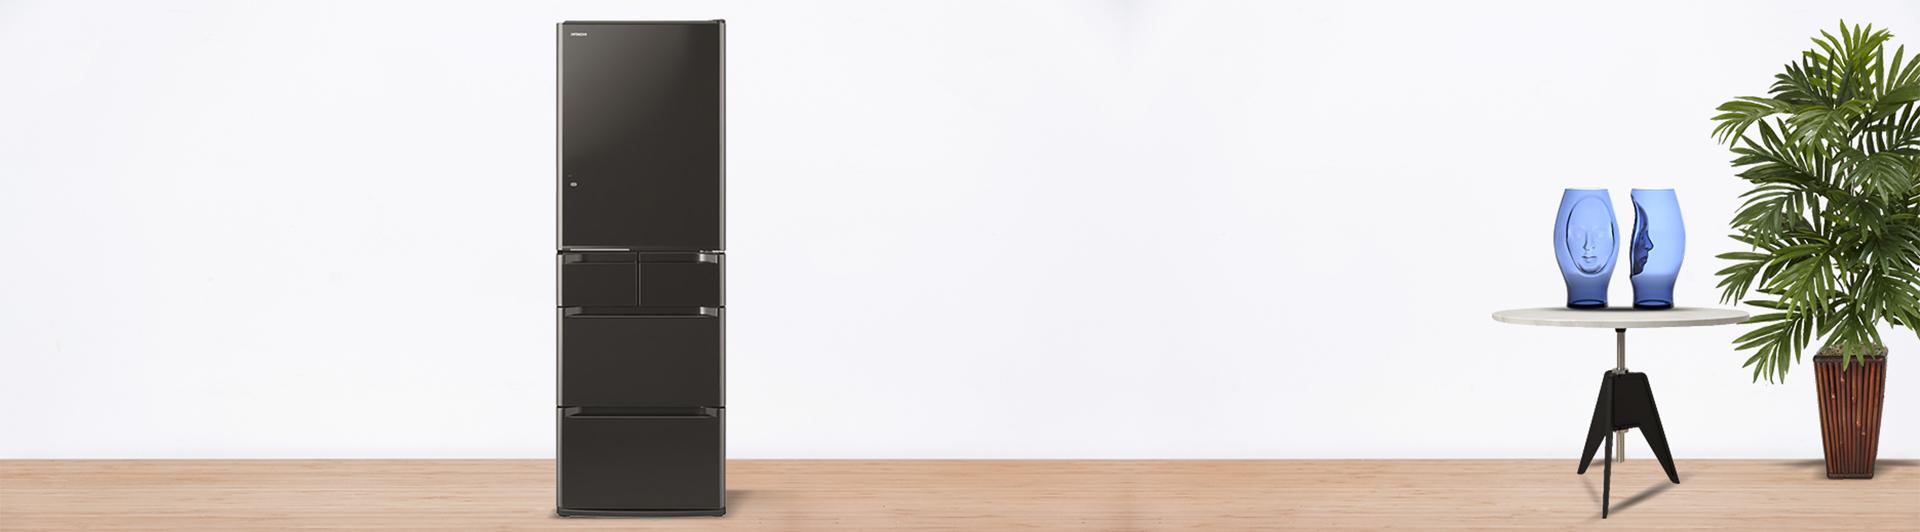 Tủ lạnh Hitachi R-E5000V 529 lít nâu bán trả góp tại Nguyễn Kim